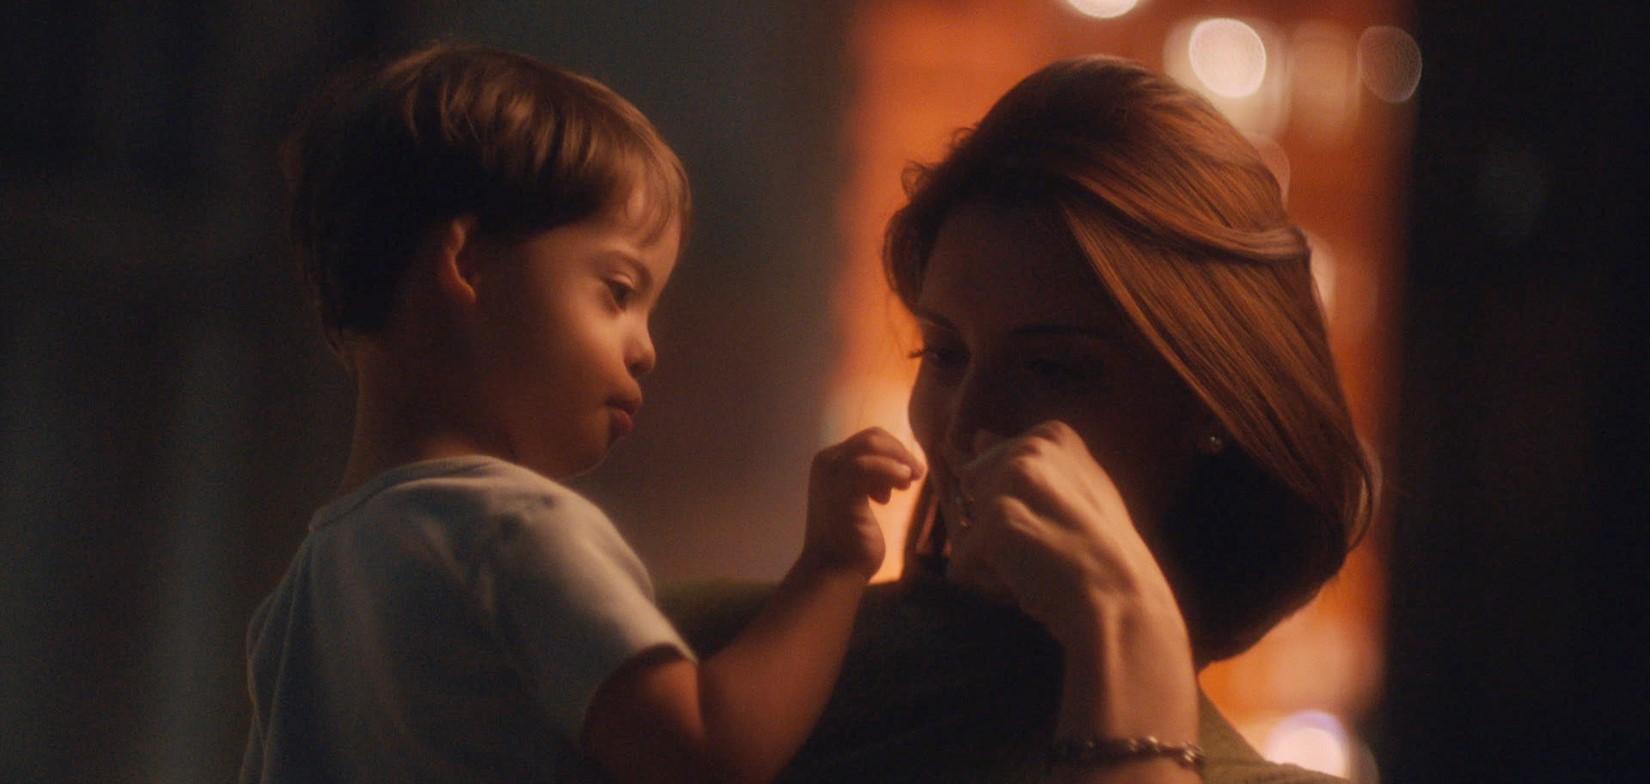 Uma mãe carregando seu filho e se cumprimentando.